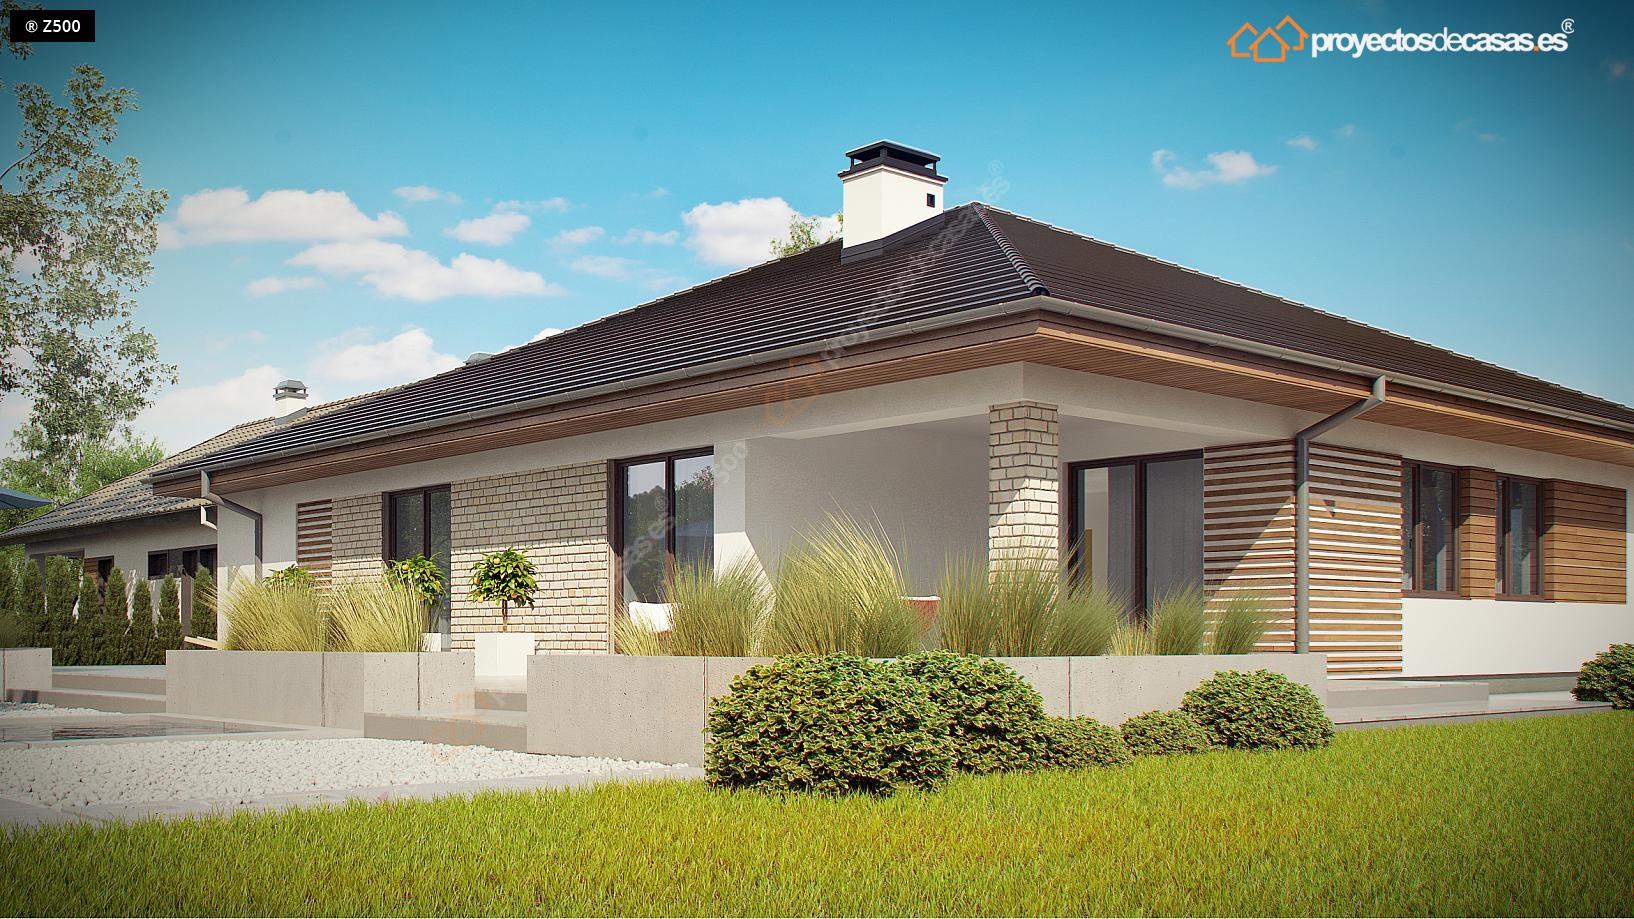 Proyectos de casas casa tradicional proyectosdecasas for Modelos de chalets de una planta